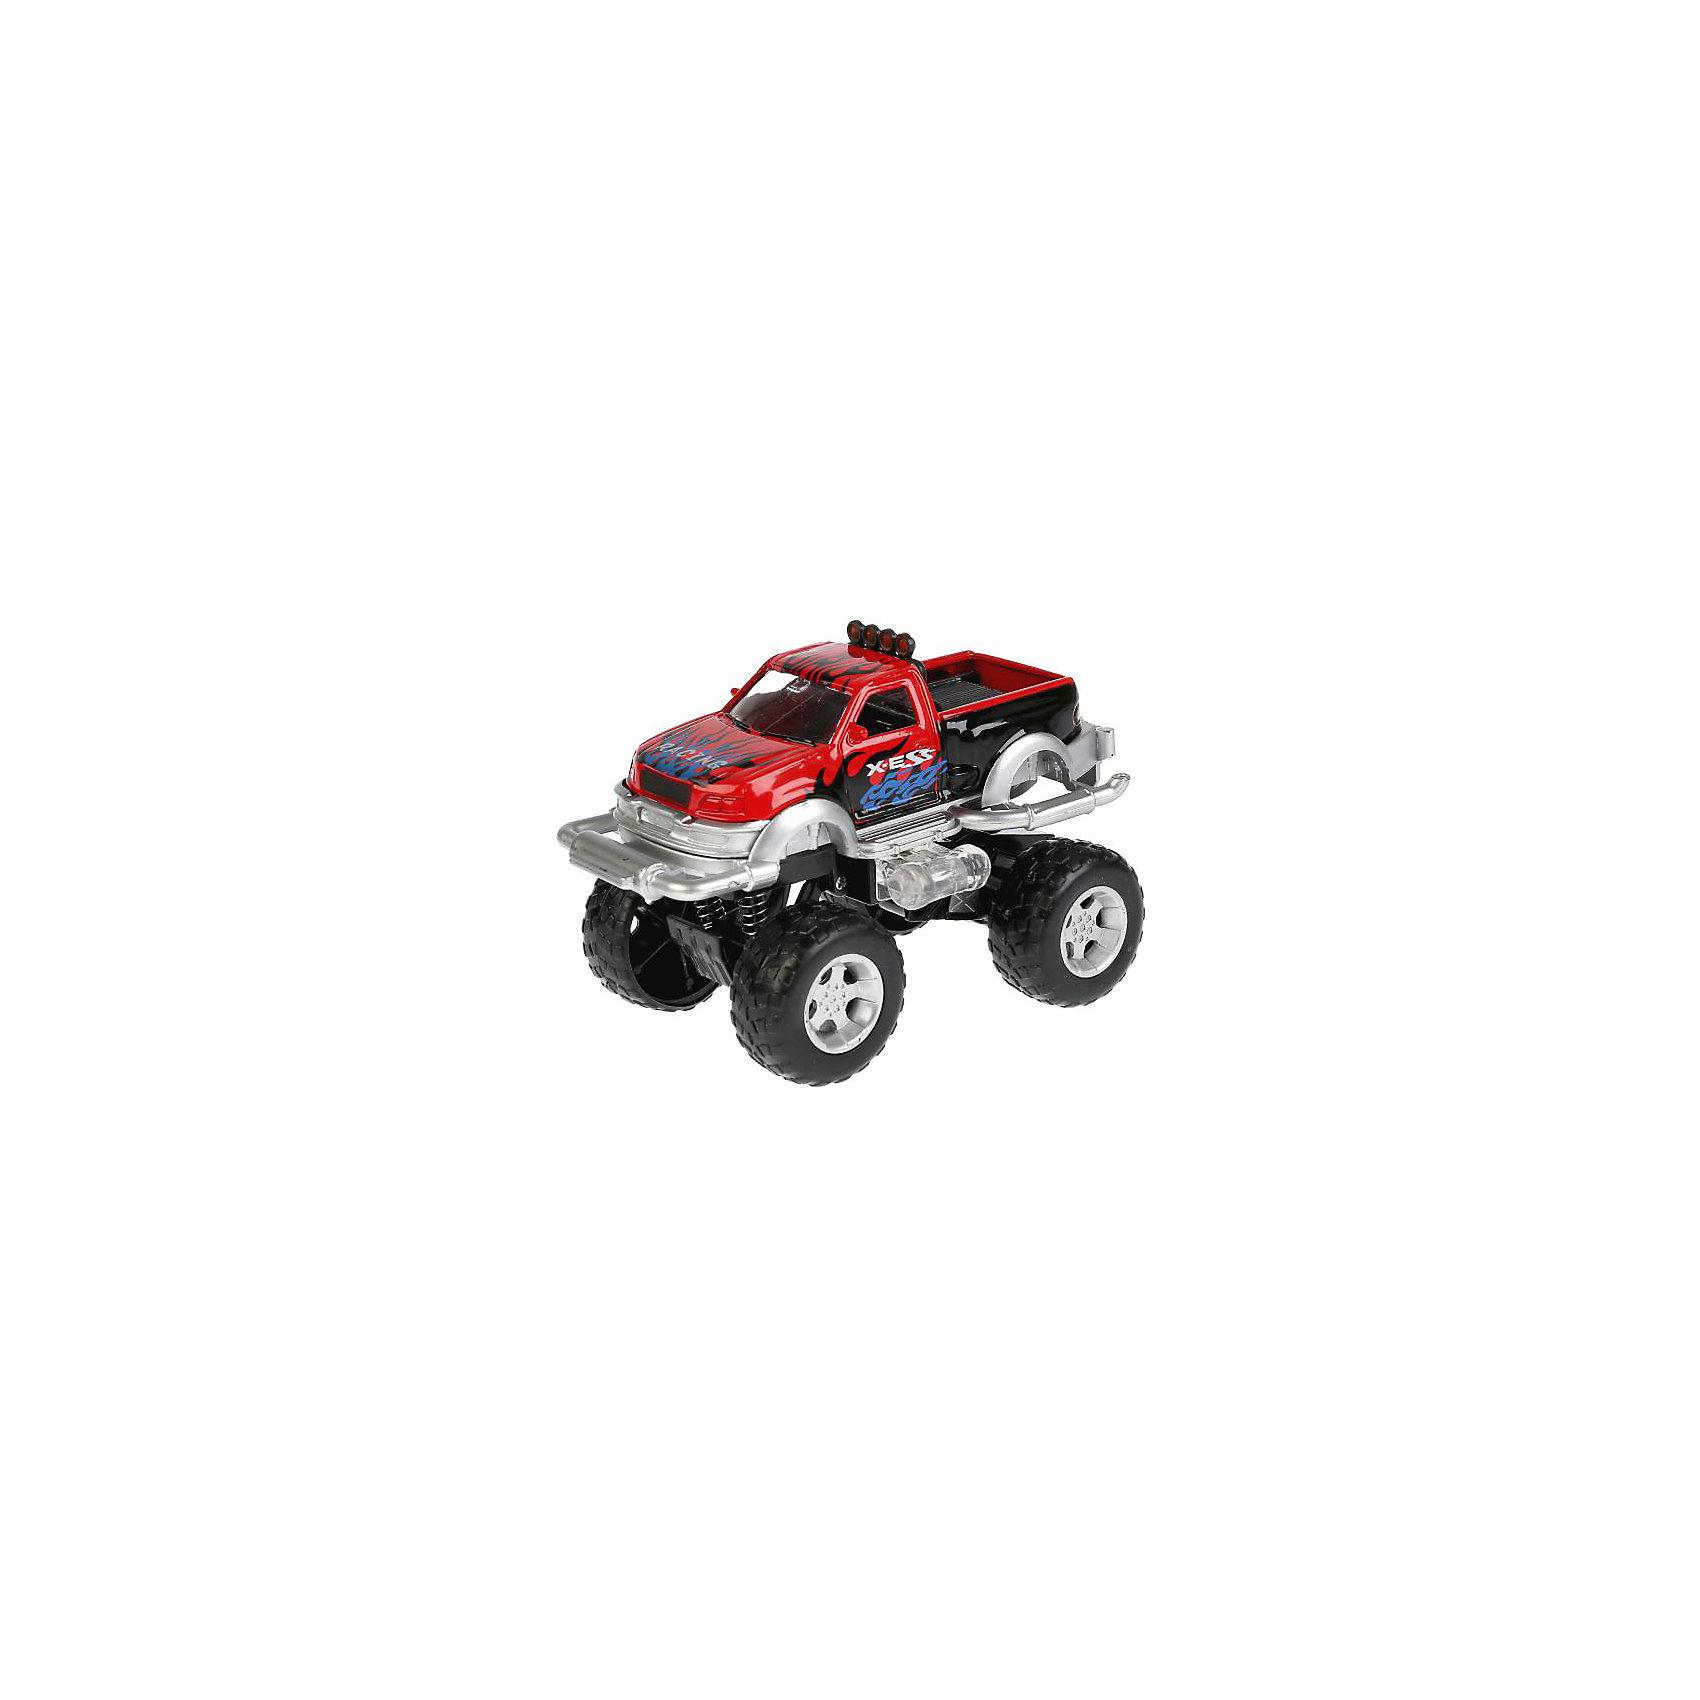 Машина, ТехнопаркКоллекционные модели<br>Машина, Технопарк<br><br>Характеристики:<br><br>• световые эффекты<br>• звук мотора<br>• инерционный механизм<br>• материал: металл, пластик<br>• длина игрушки: 11 см<br>• размер упаковки: 19х17х9 см<br>• вес: 200 грамм<br>• батарейки: AG13 - 2 шт. (входят в комплект)<br><br>Машина от ТЕХНОПАРК - восхитительный подарок для любителей больших автомобилей. Модель имеет огромные колеса и инерционный механизм. Достаточно отвести машину назад - и она быстро помчится вперед, радуя ребенка.  Если нажать на капот, то лампочки загорятся синим цветом, а мотор начнет издавать очень правдоподобные звуки. С этой машинкой ваш ребенок будет играть в хорошем настроении!<br><br>Машину, Технопарк вы можете купить в нашем интернет-магазине.<br><br>Ширина мм: 90<br>Глубина мм: 170<br>Высота мм: 190<br>Вес г: 270<br>Возраст от месяцев: 36<br>Возраст до месяцев: 72<br>Пол: Мужской<br>Возраст: Детский<br>SKU: 5099096